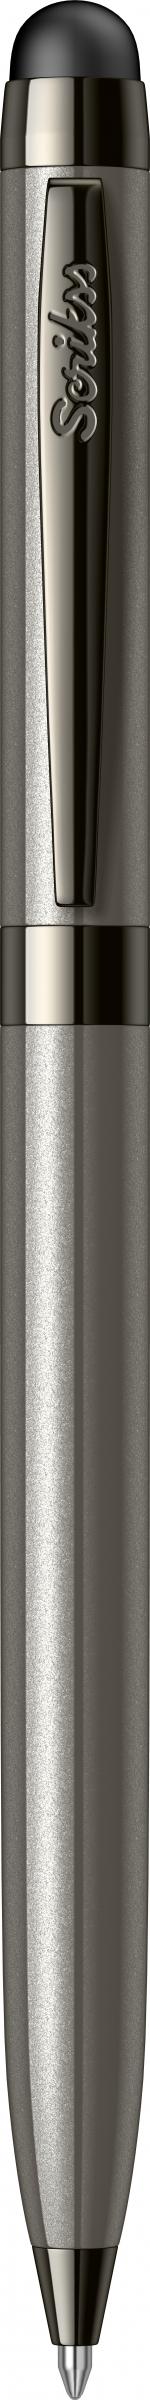 Titanium TT-1098